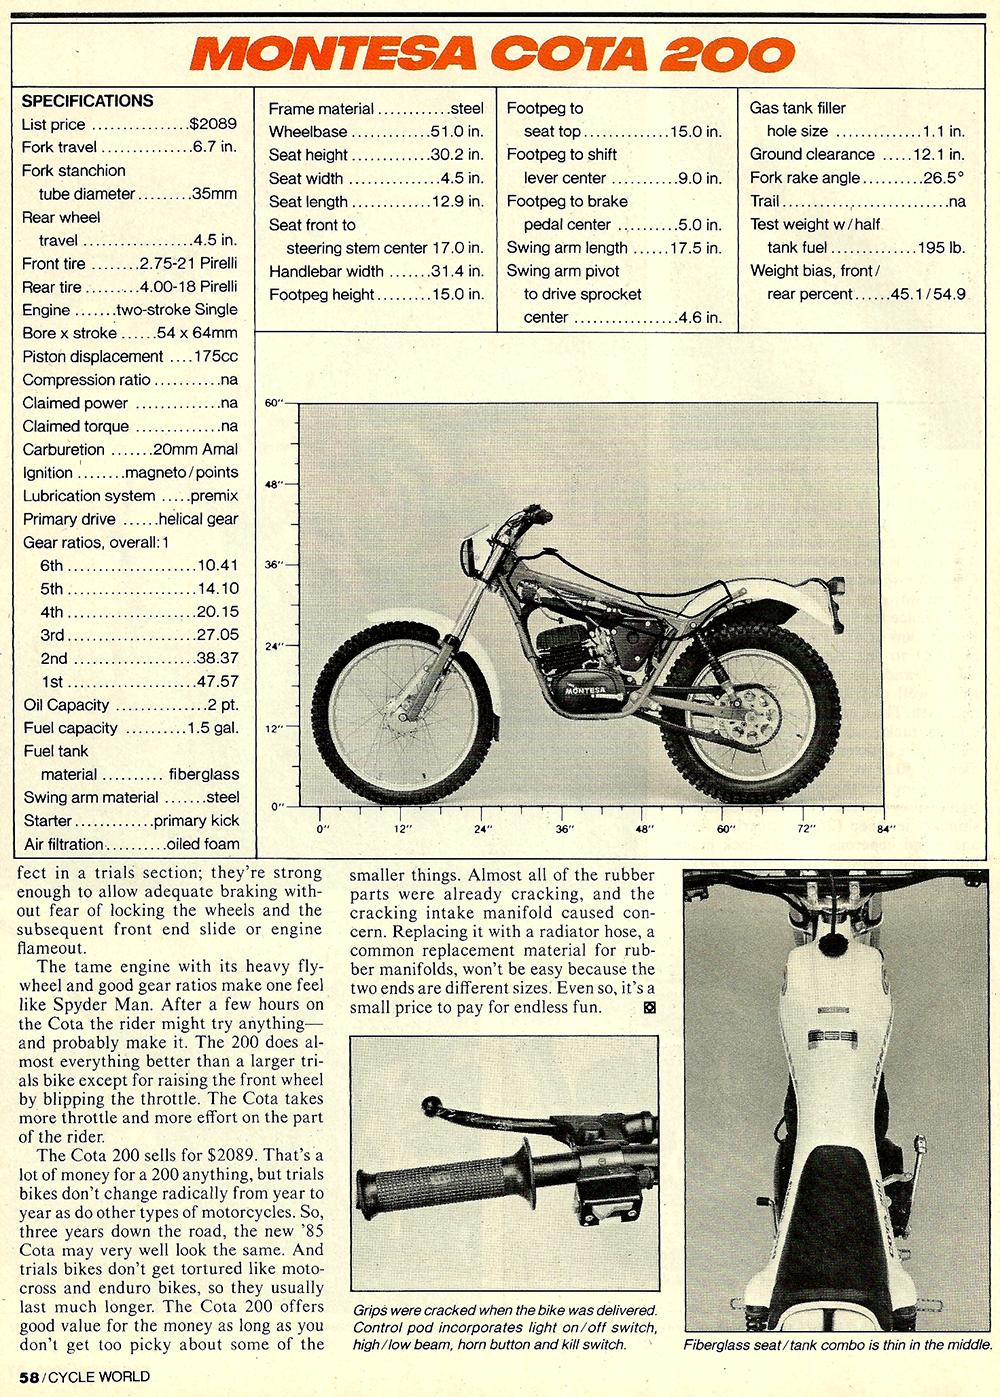 1982 Montesa cota 200 road test 05.jpg